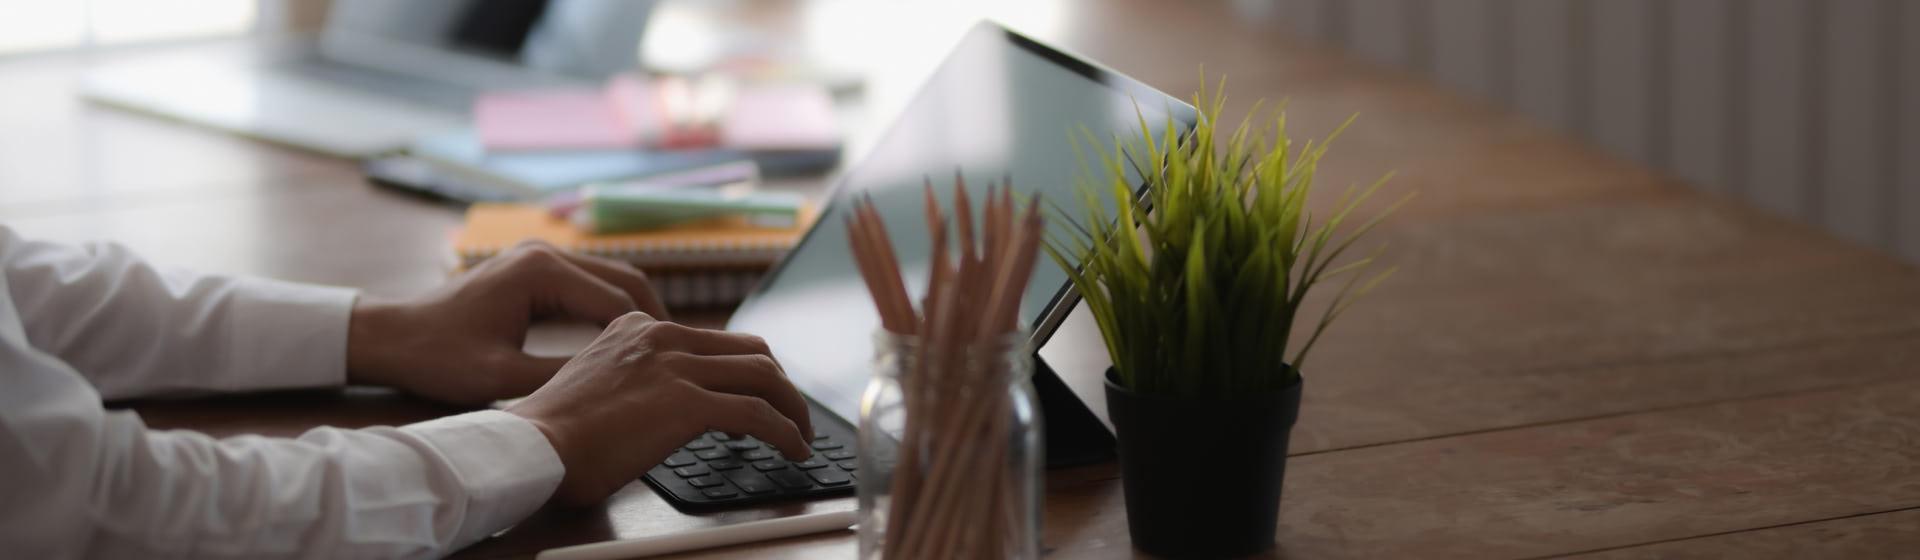 Manos de una persona trabajando delante de un portátil/tablet